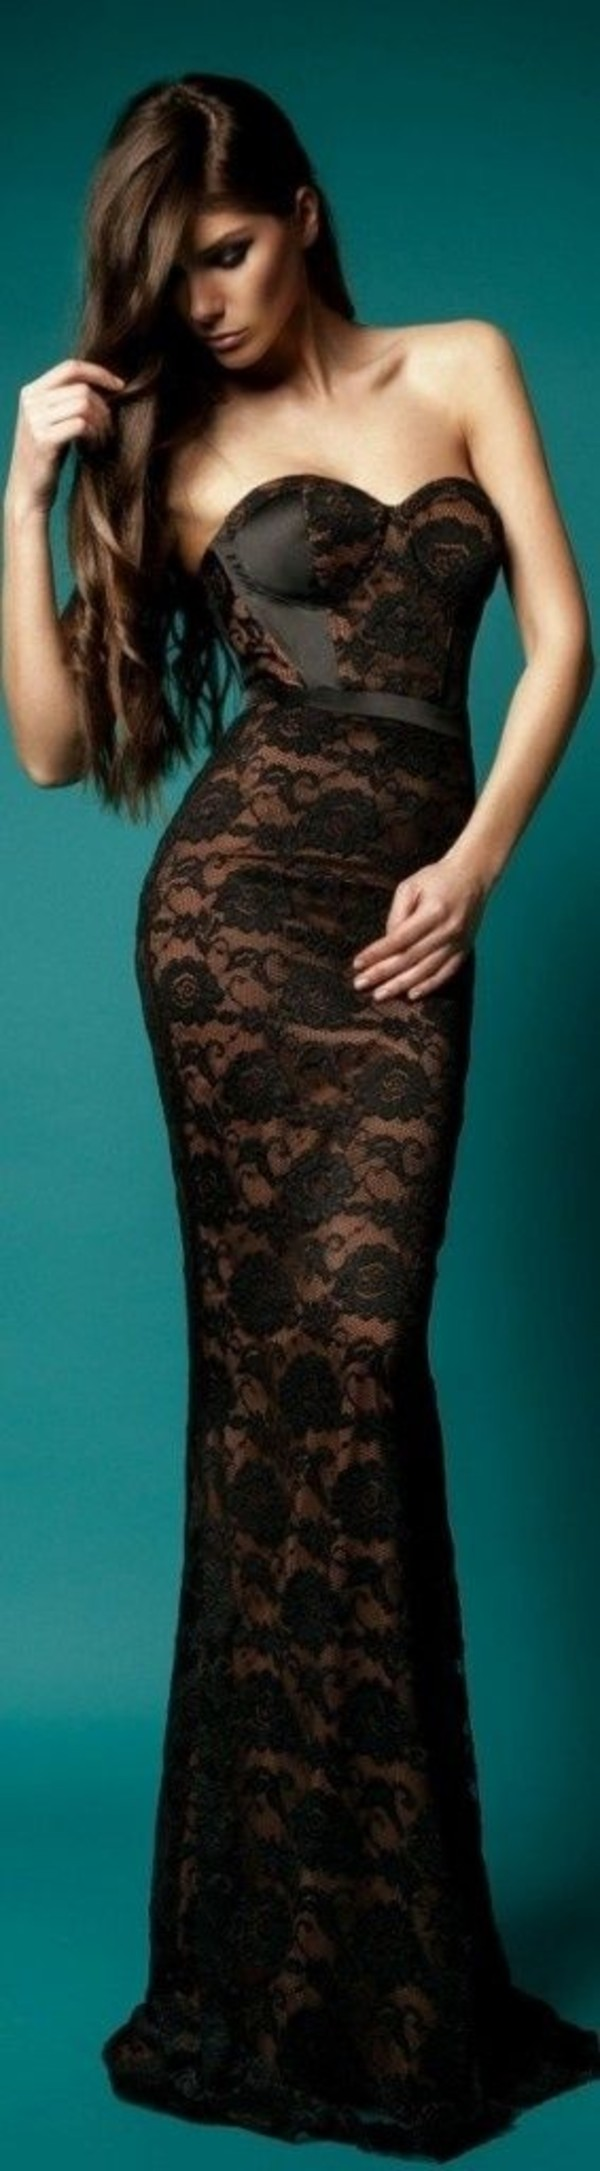 dress hot beautiful lace black corset lace dress long black dress gown lace gown